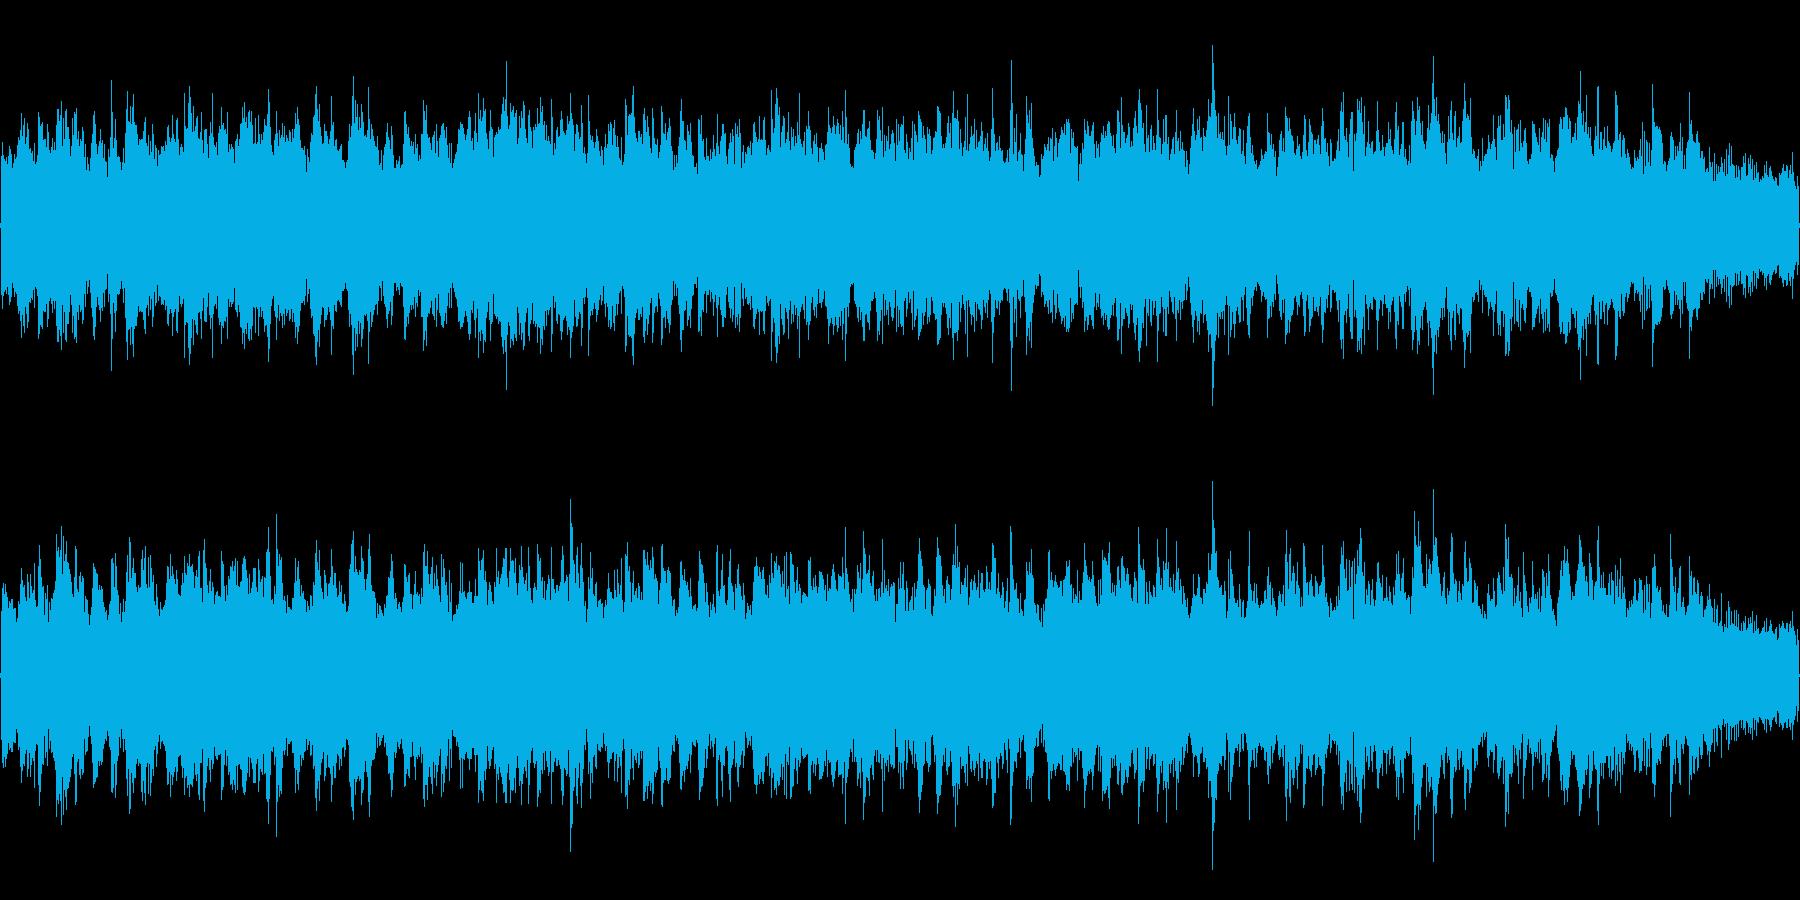 ゆったりと流れる曲の再生済みの波形